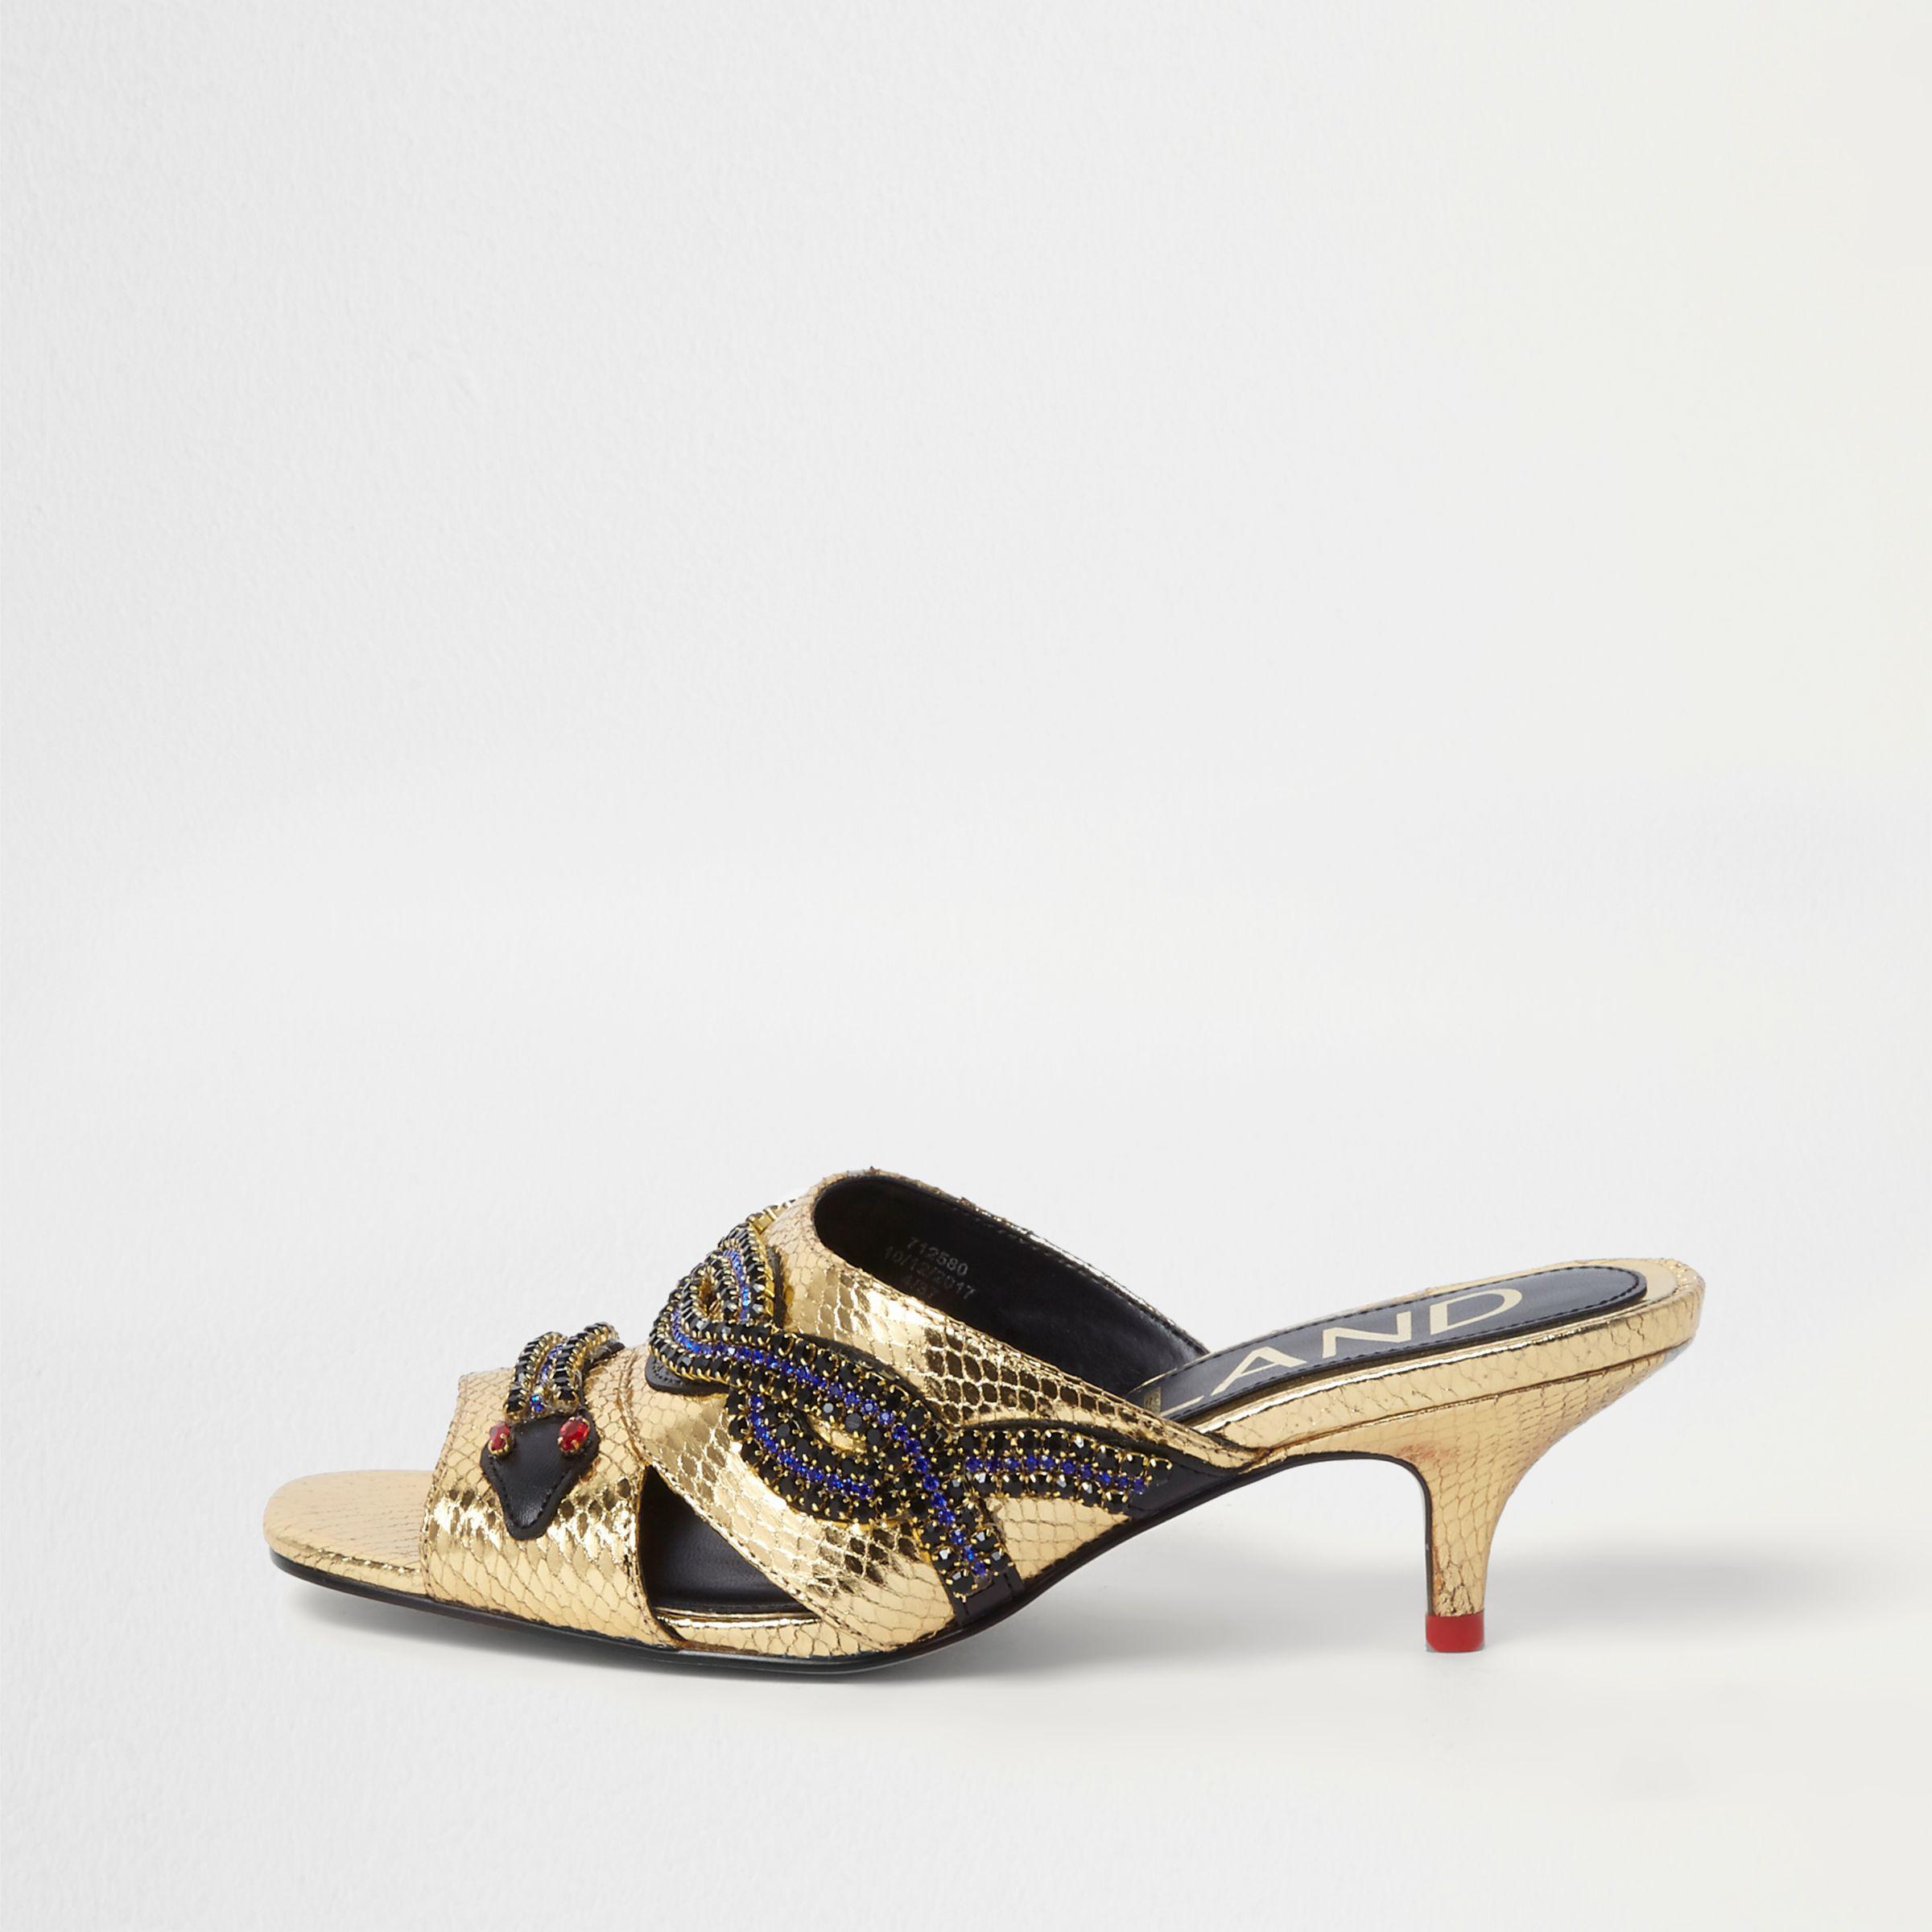 454aab0f2fe4 River Island Gold Snake Embellished Kitten Heel Mules in Metallic - Lyst